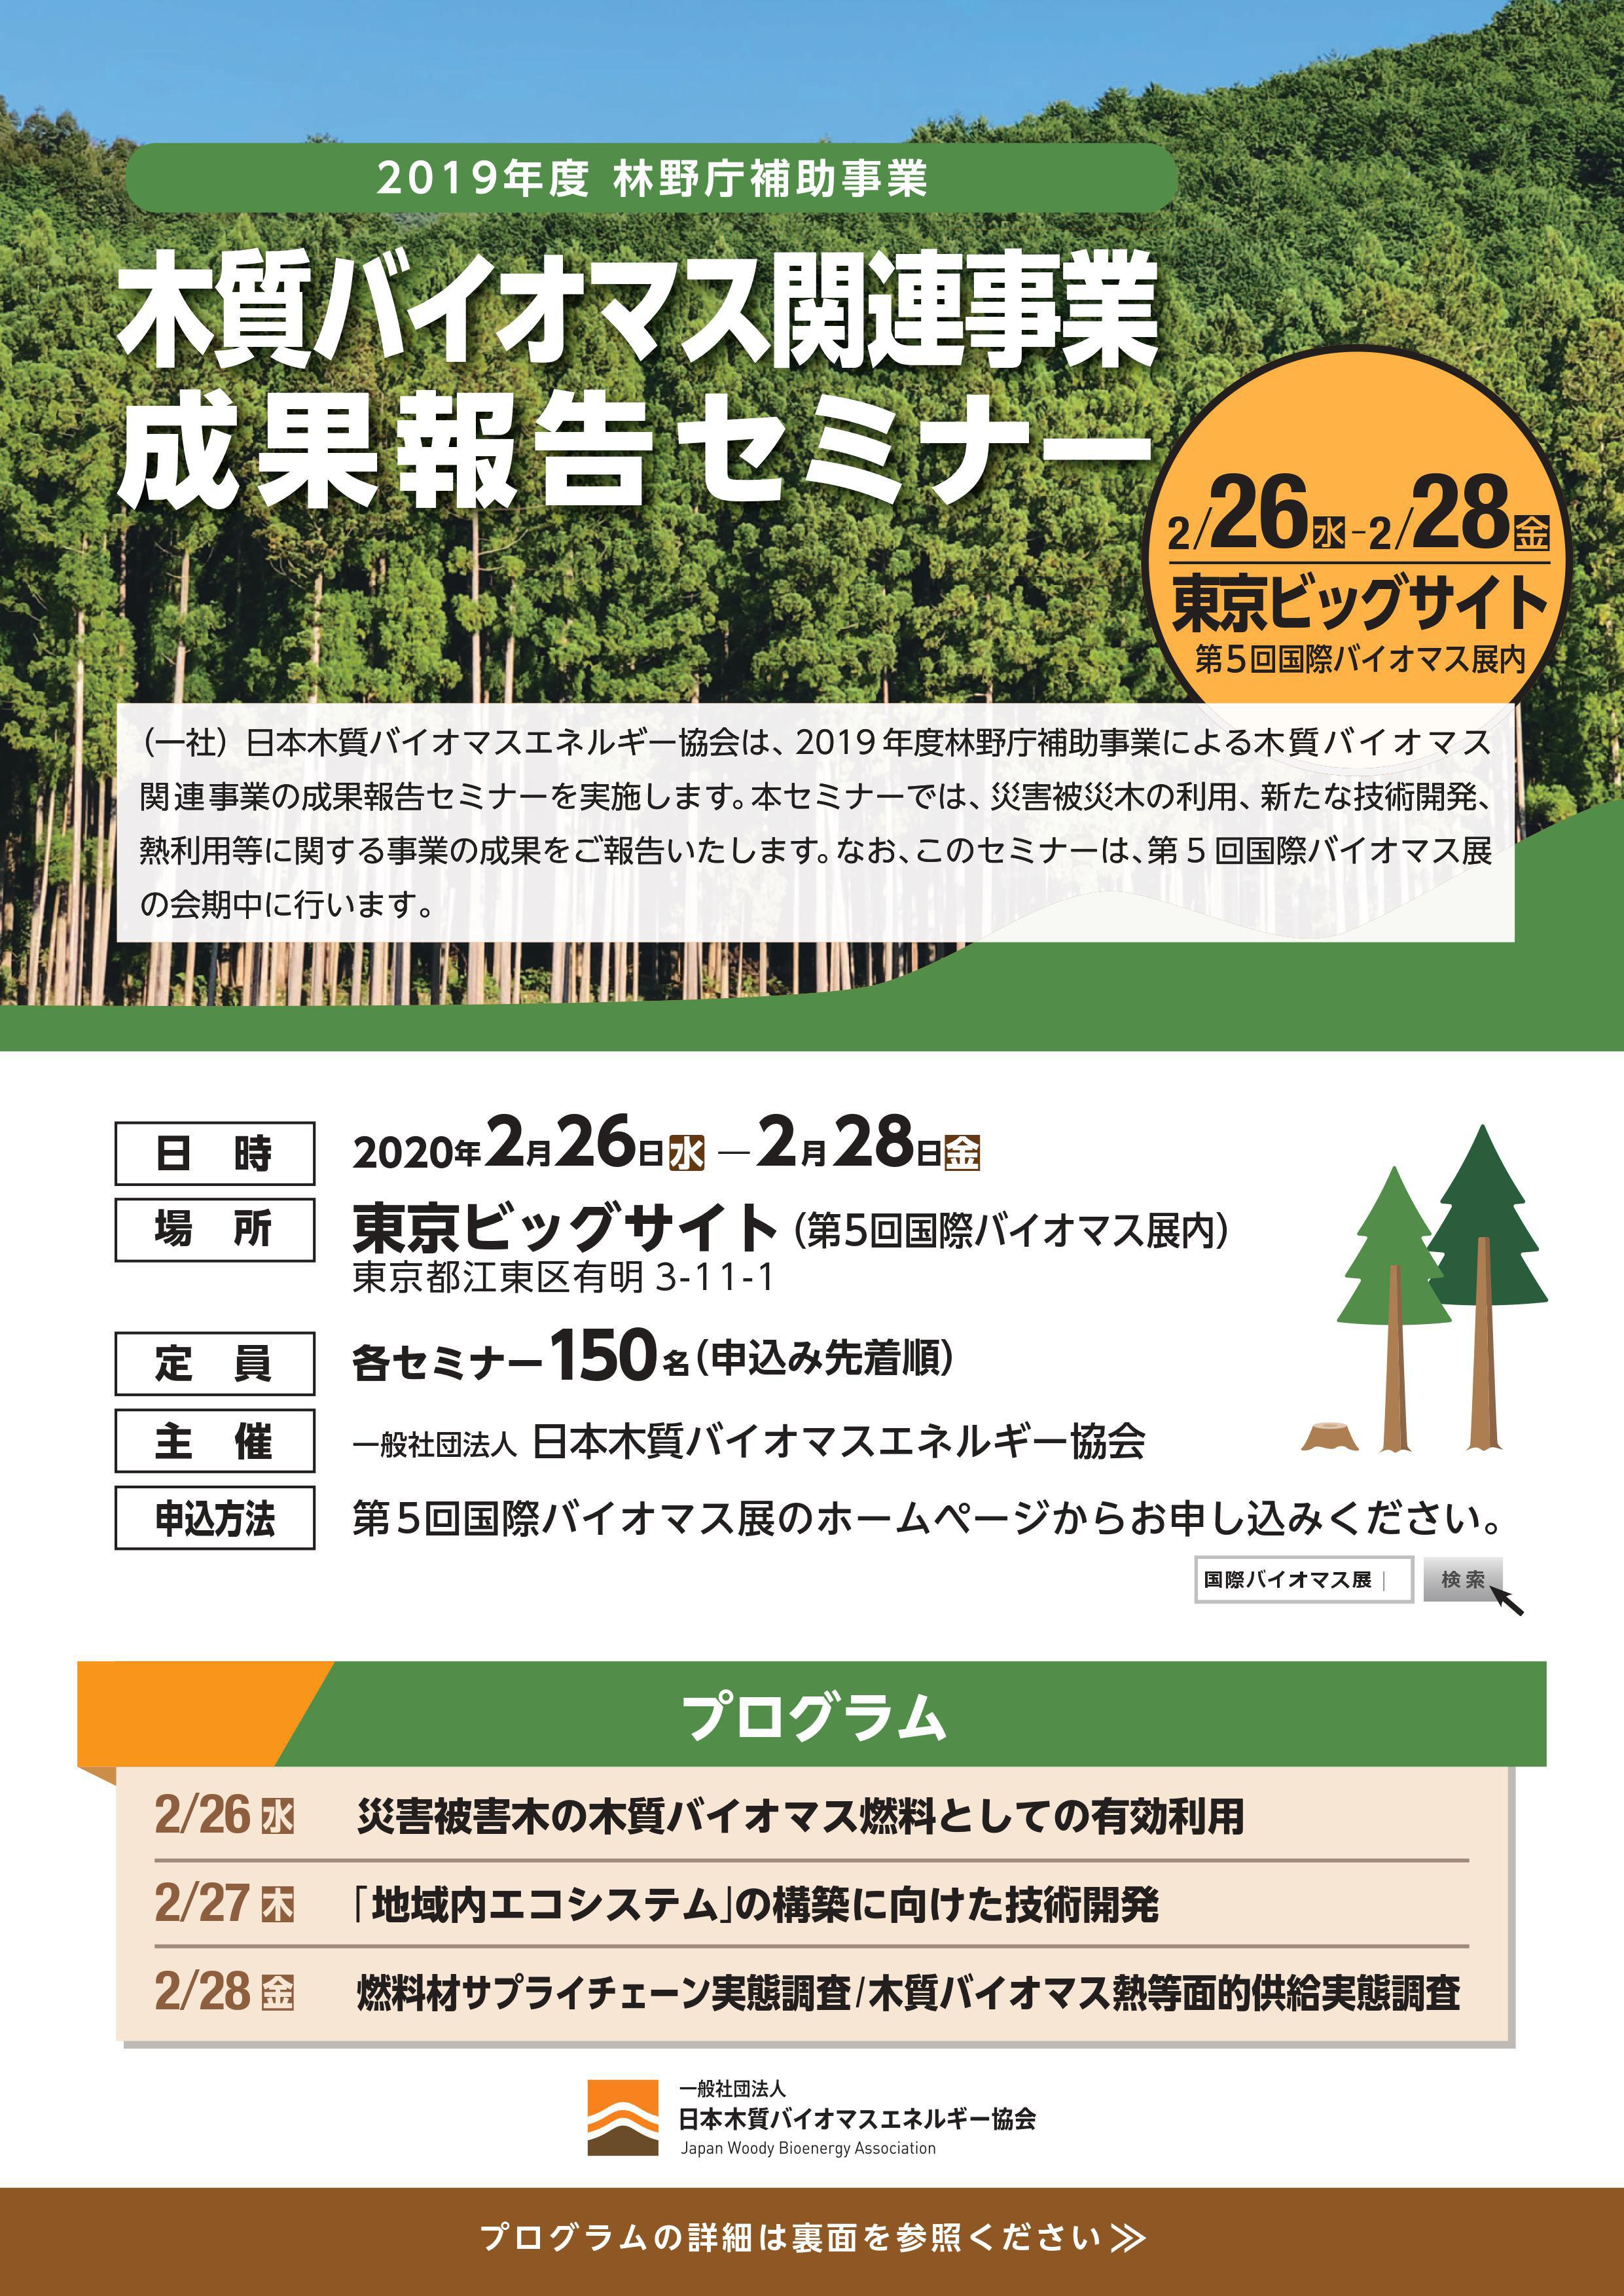 日本 木質 バイオマス エネルギー 協会